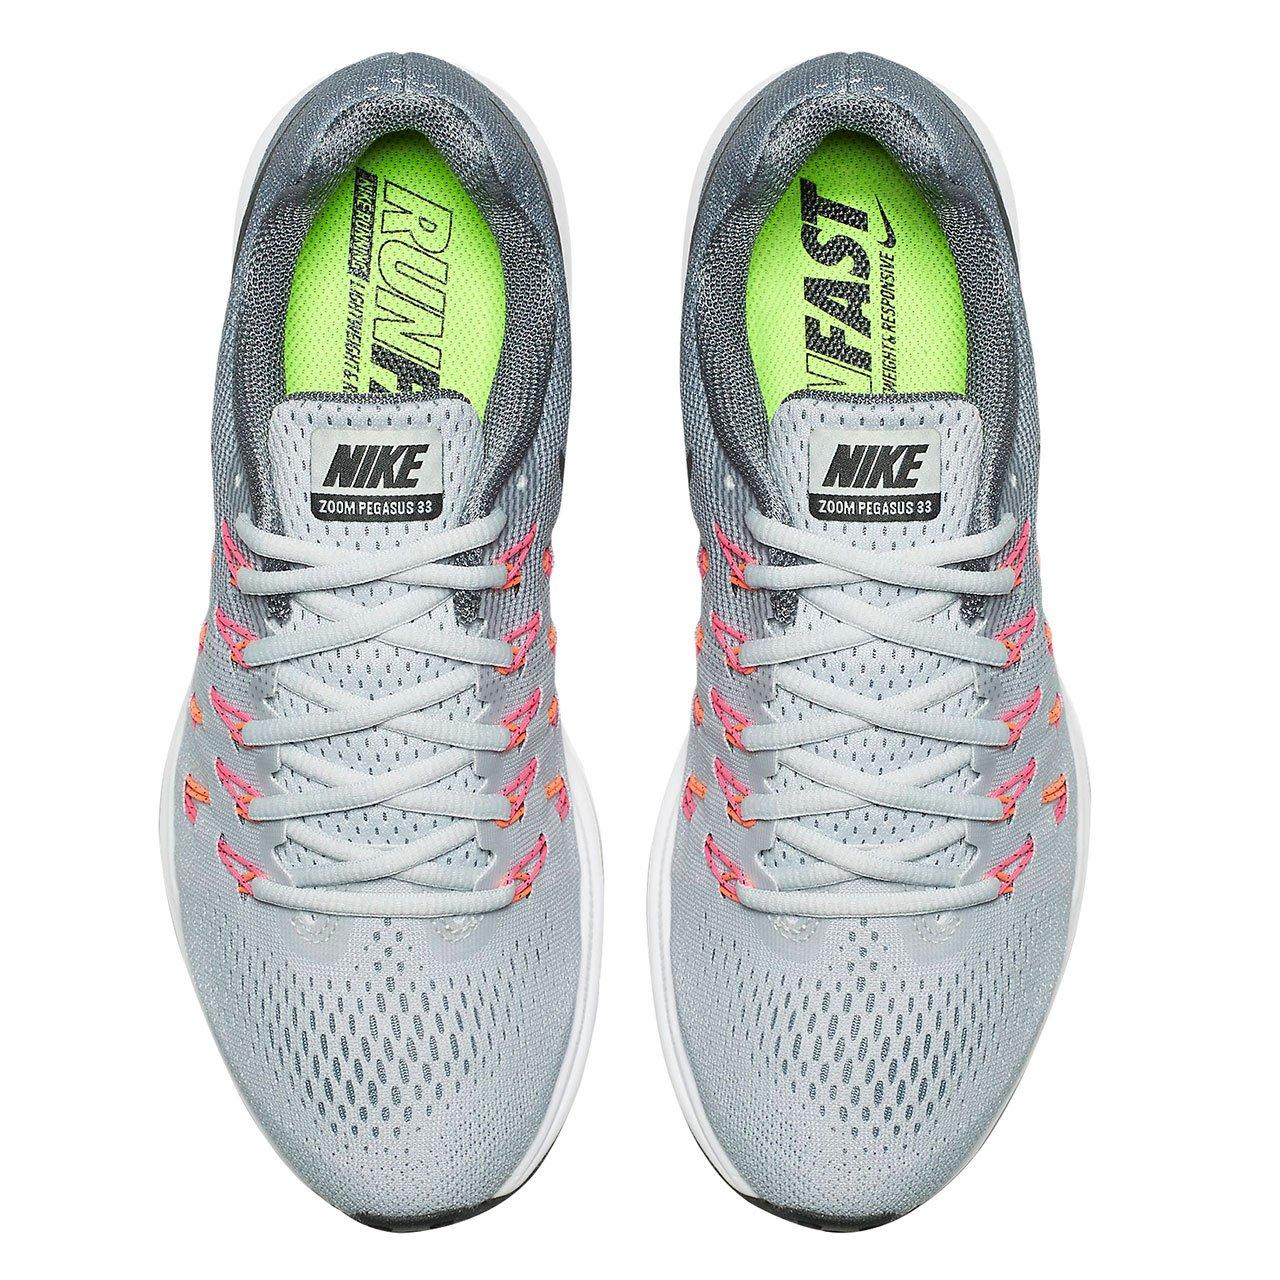 Zoom Nike Air Pegasus De Las Mujeres 33 (ancho) Zapatilla De Running 1tfLNpt0